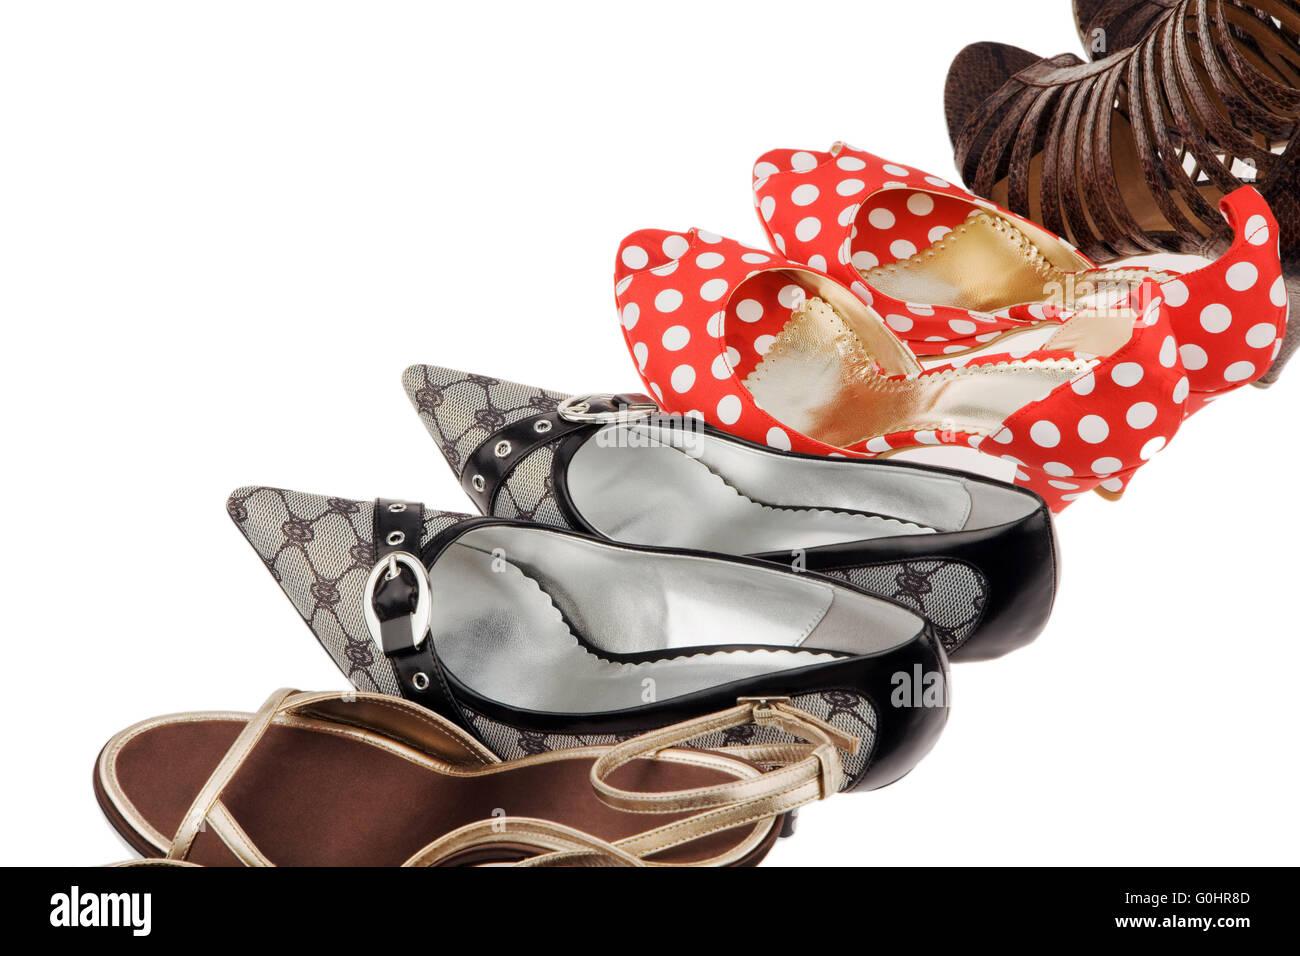 Damenschuhe High heels Stock Photo